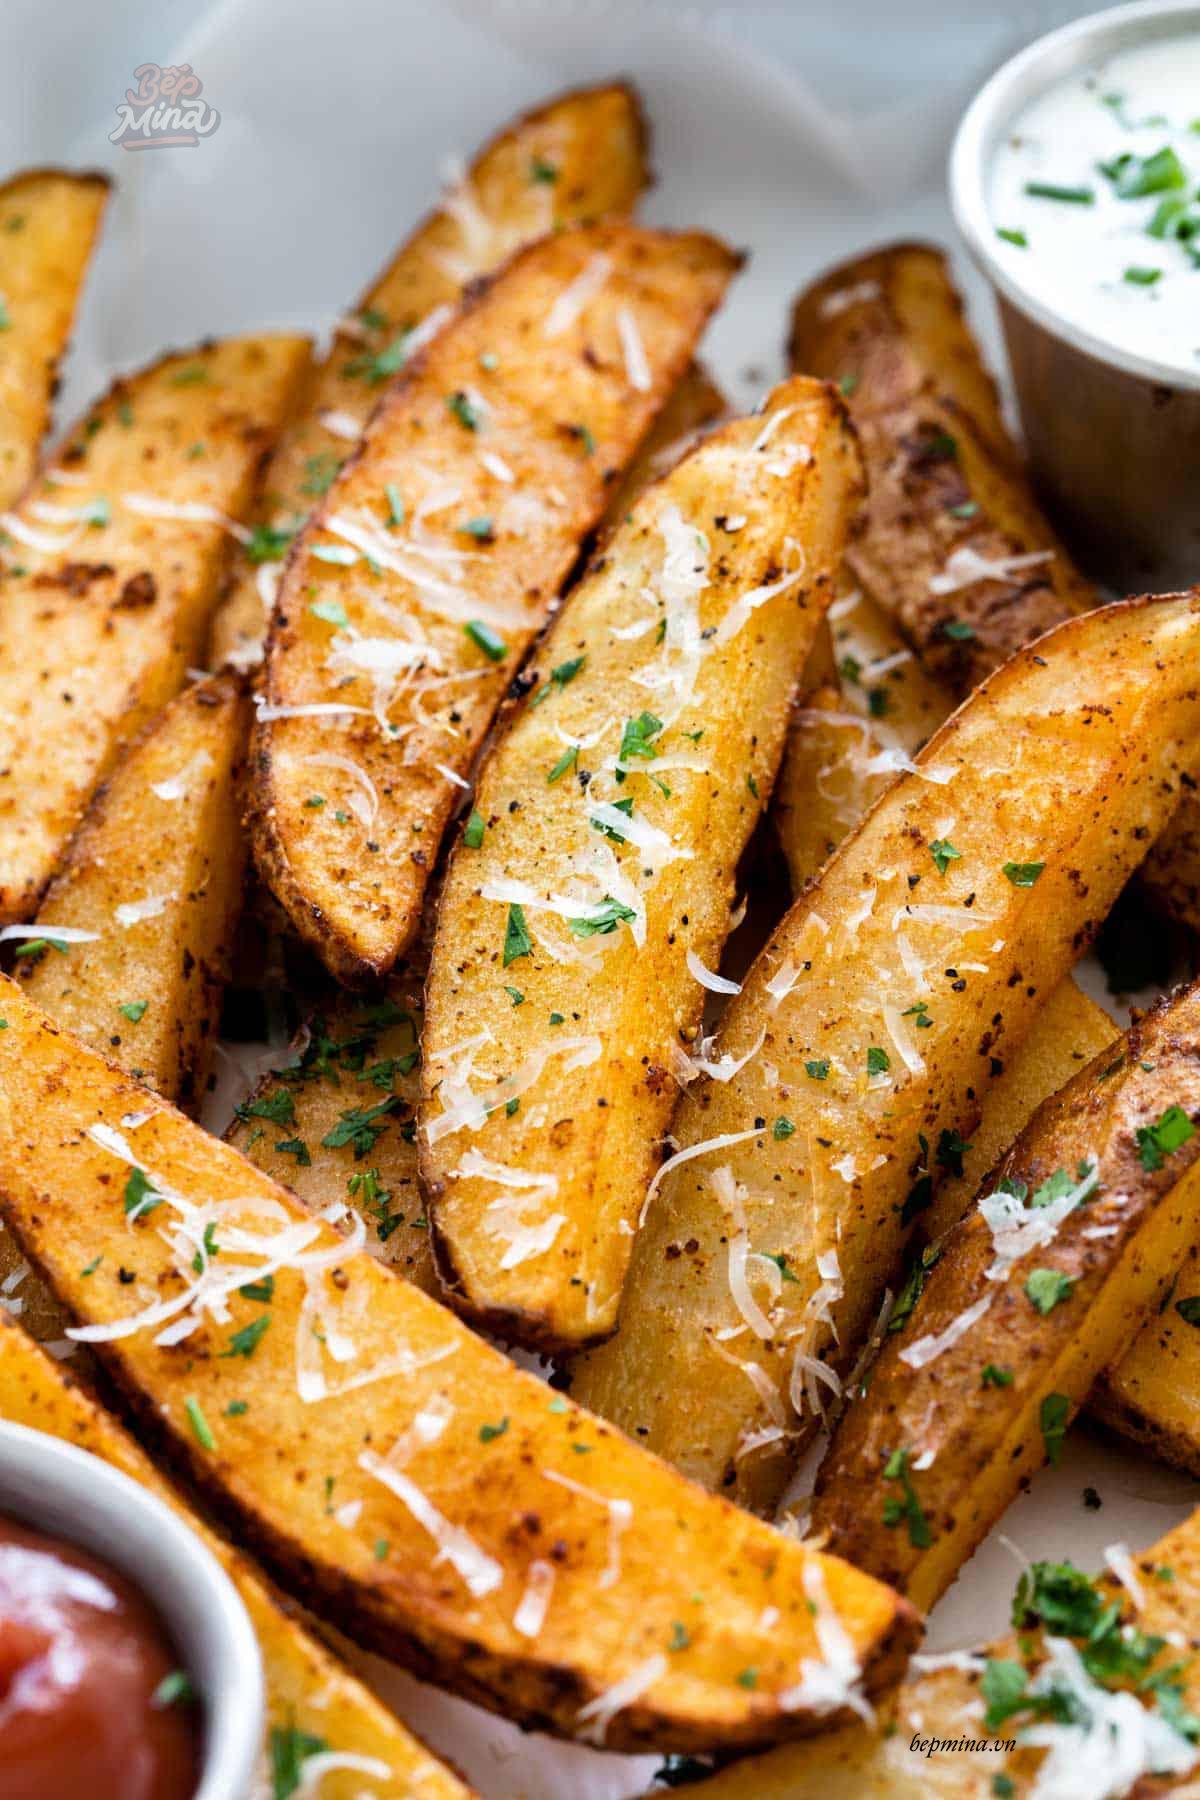 khoai tây chiên bằng lò nướng